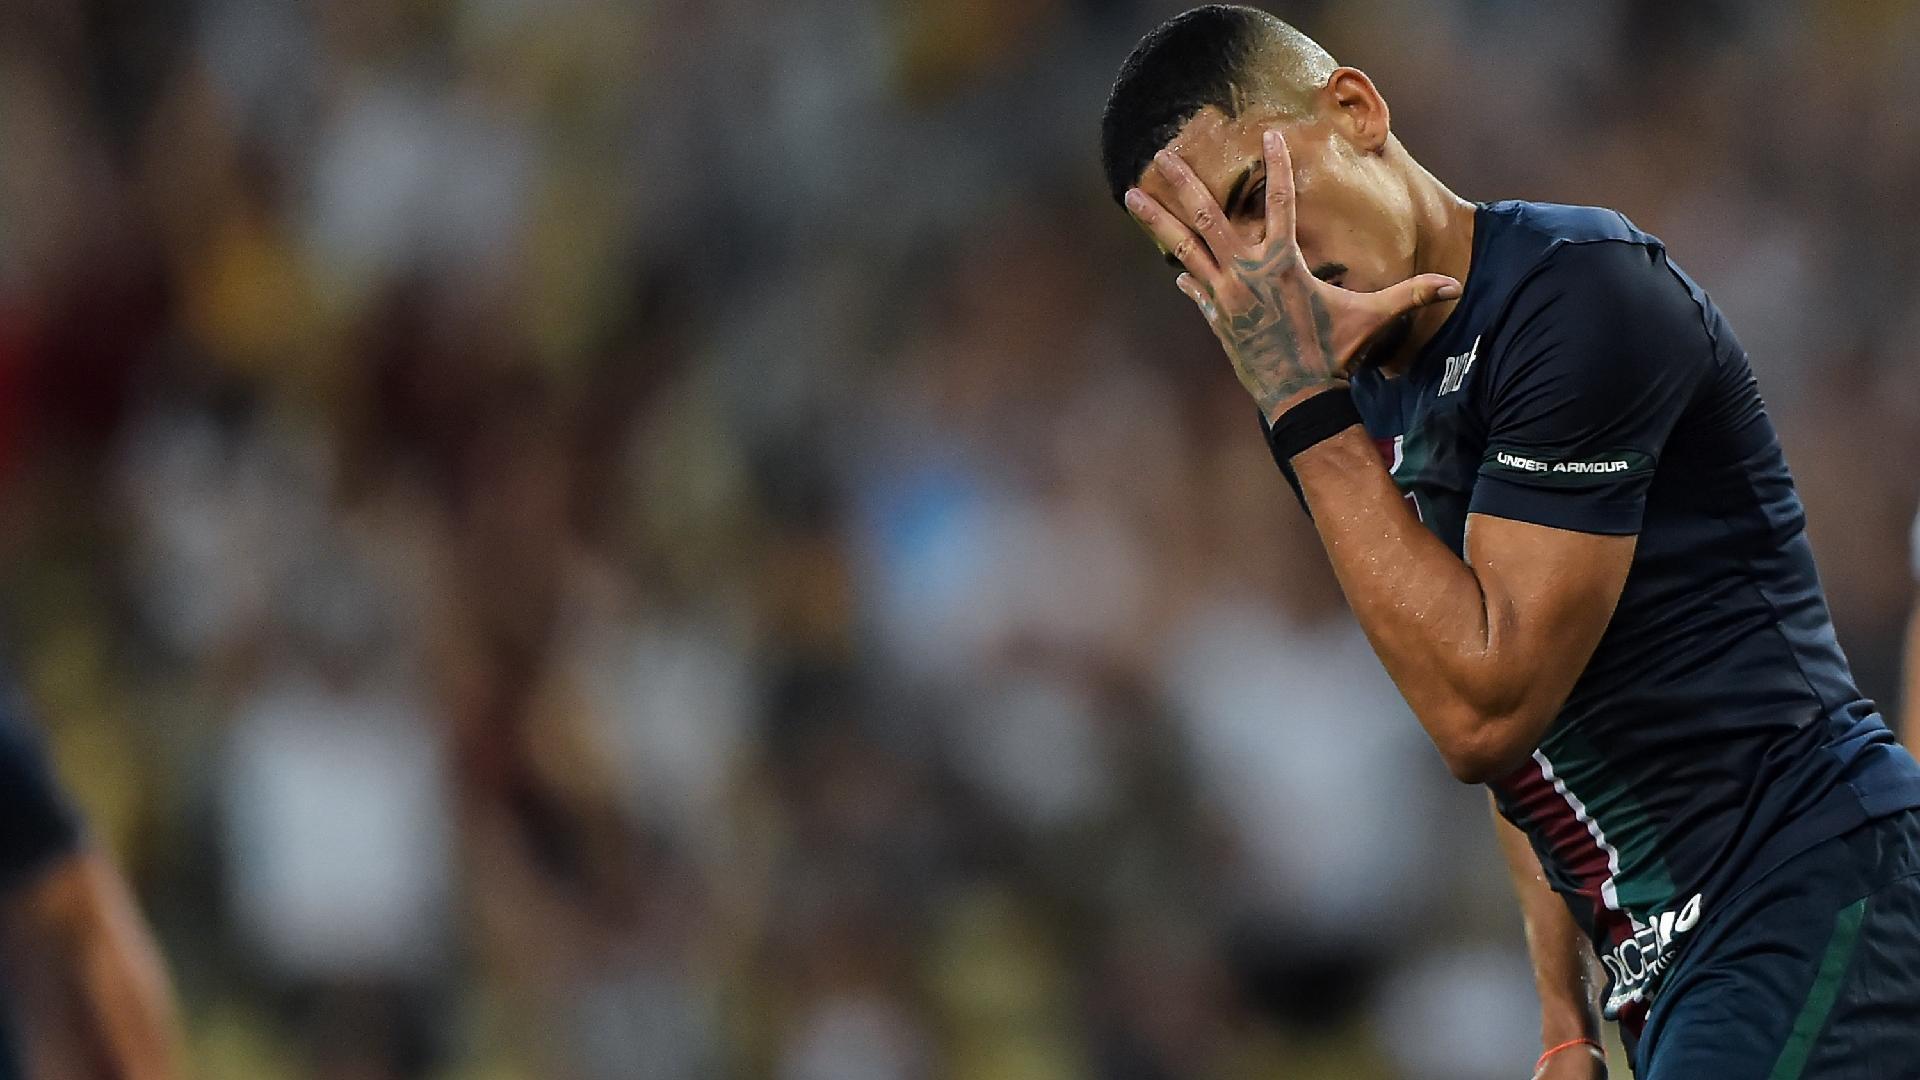 Gilberto comemora o gol anotado no duelo entre Fluminense e Resende